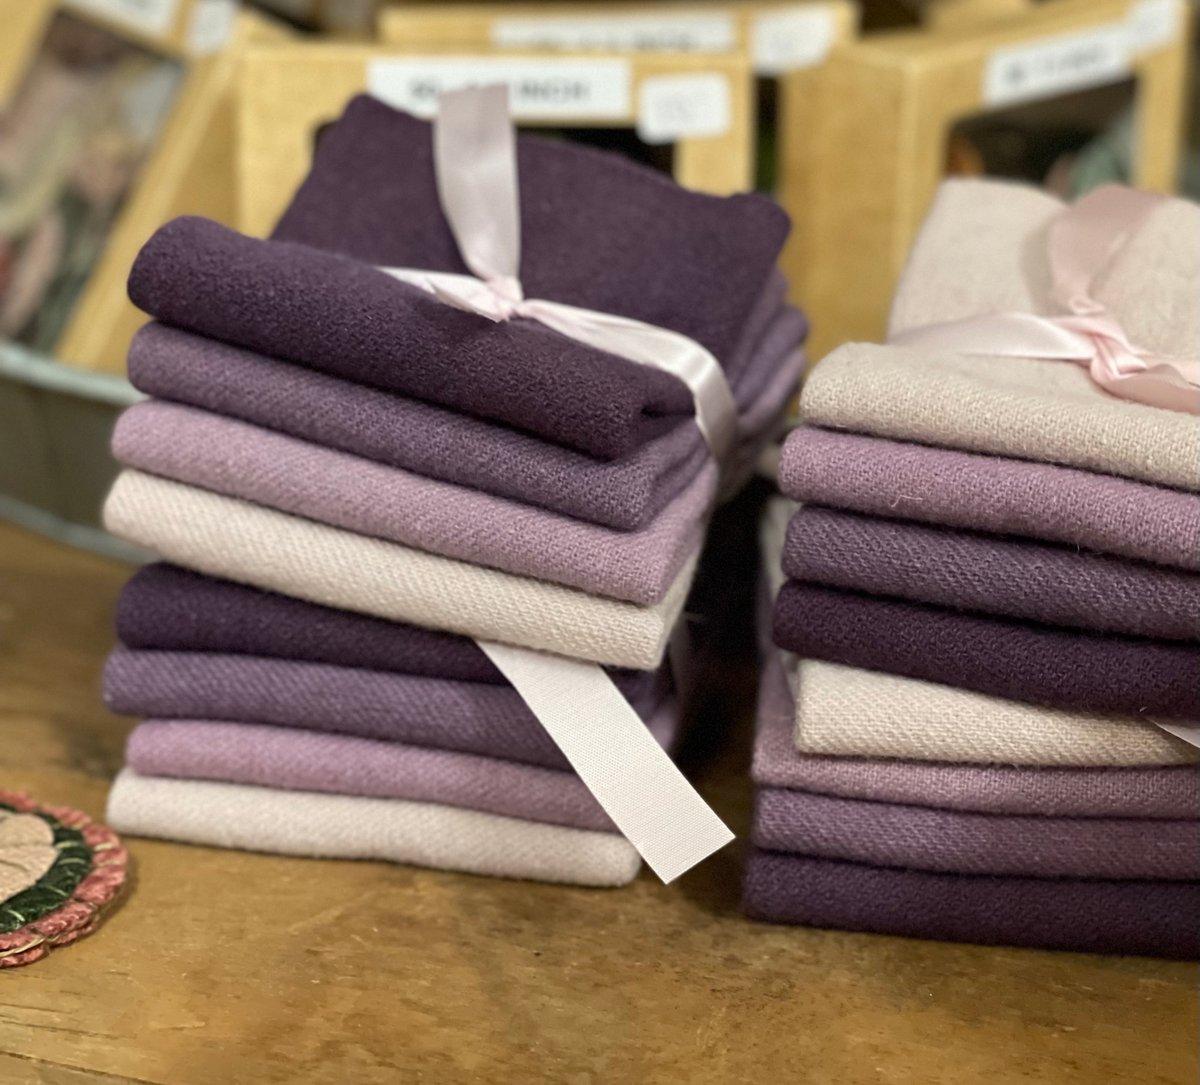 Plum Wool bundles